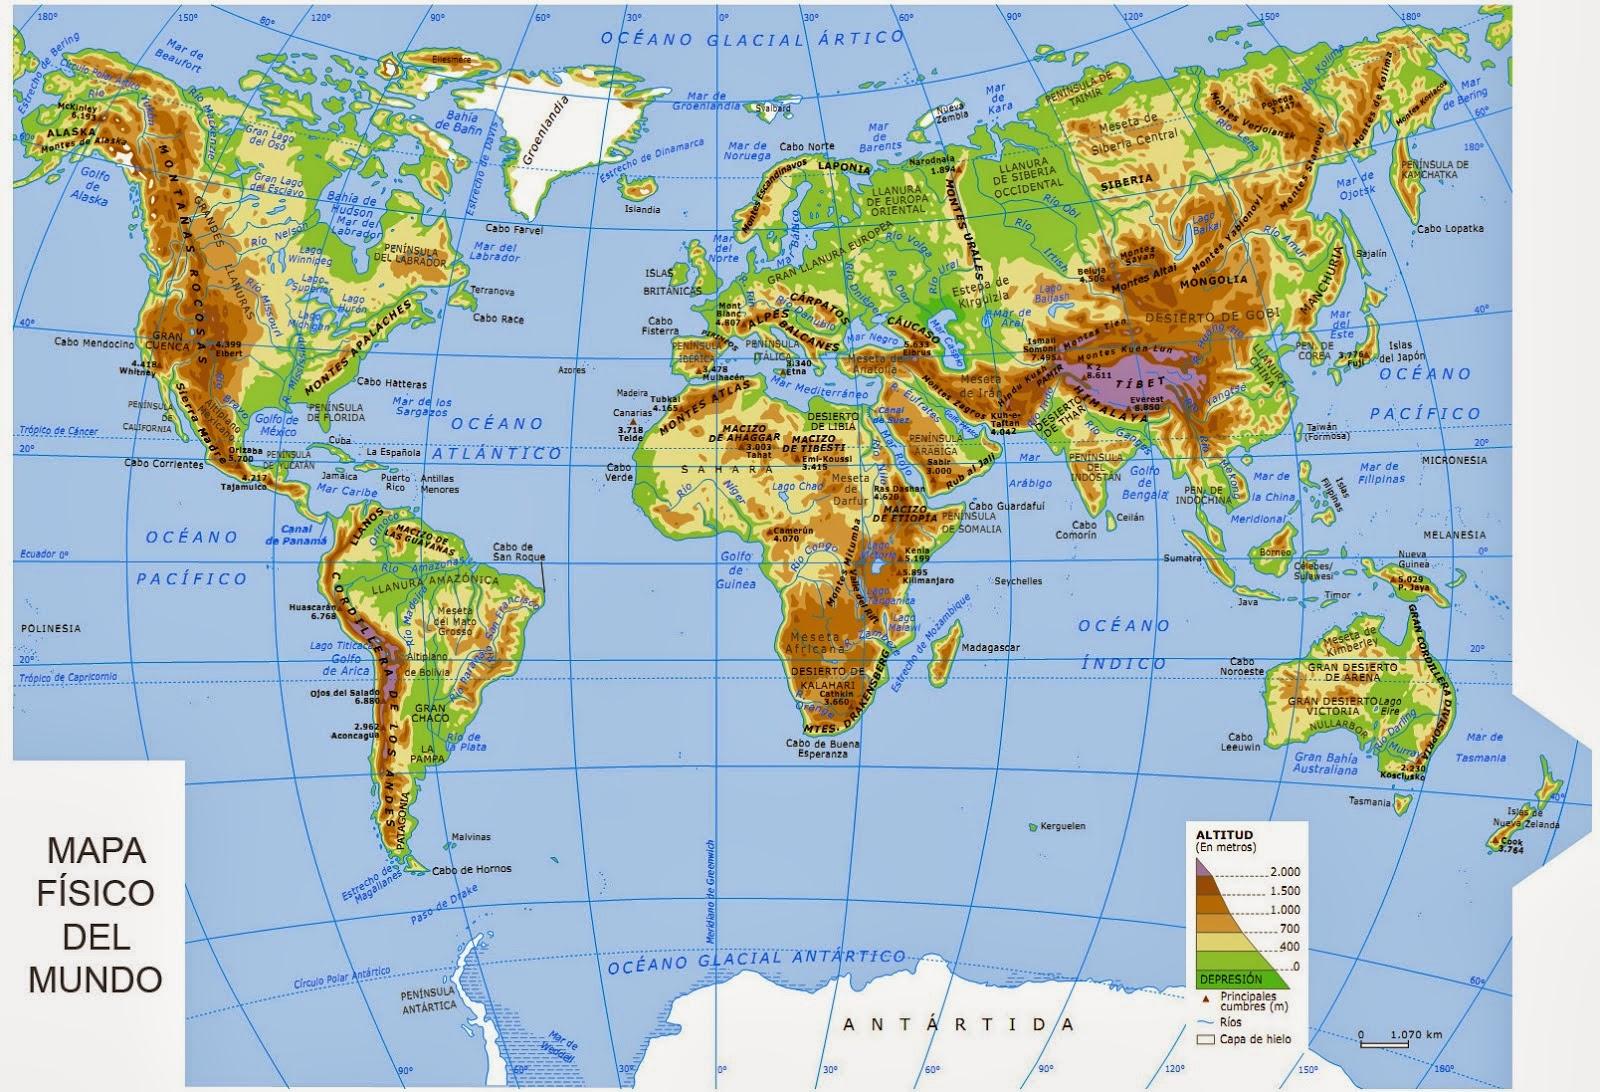 Ciencias sociales mapa f sico del mundo for Mapa del mundo decoracion